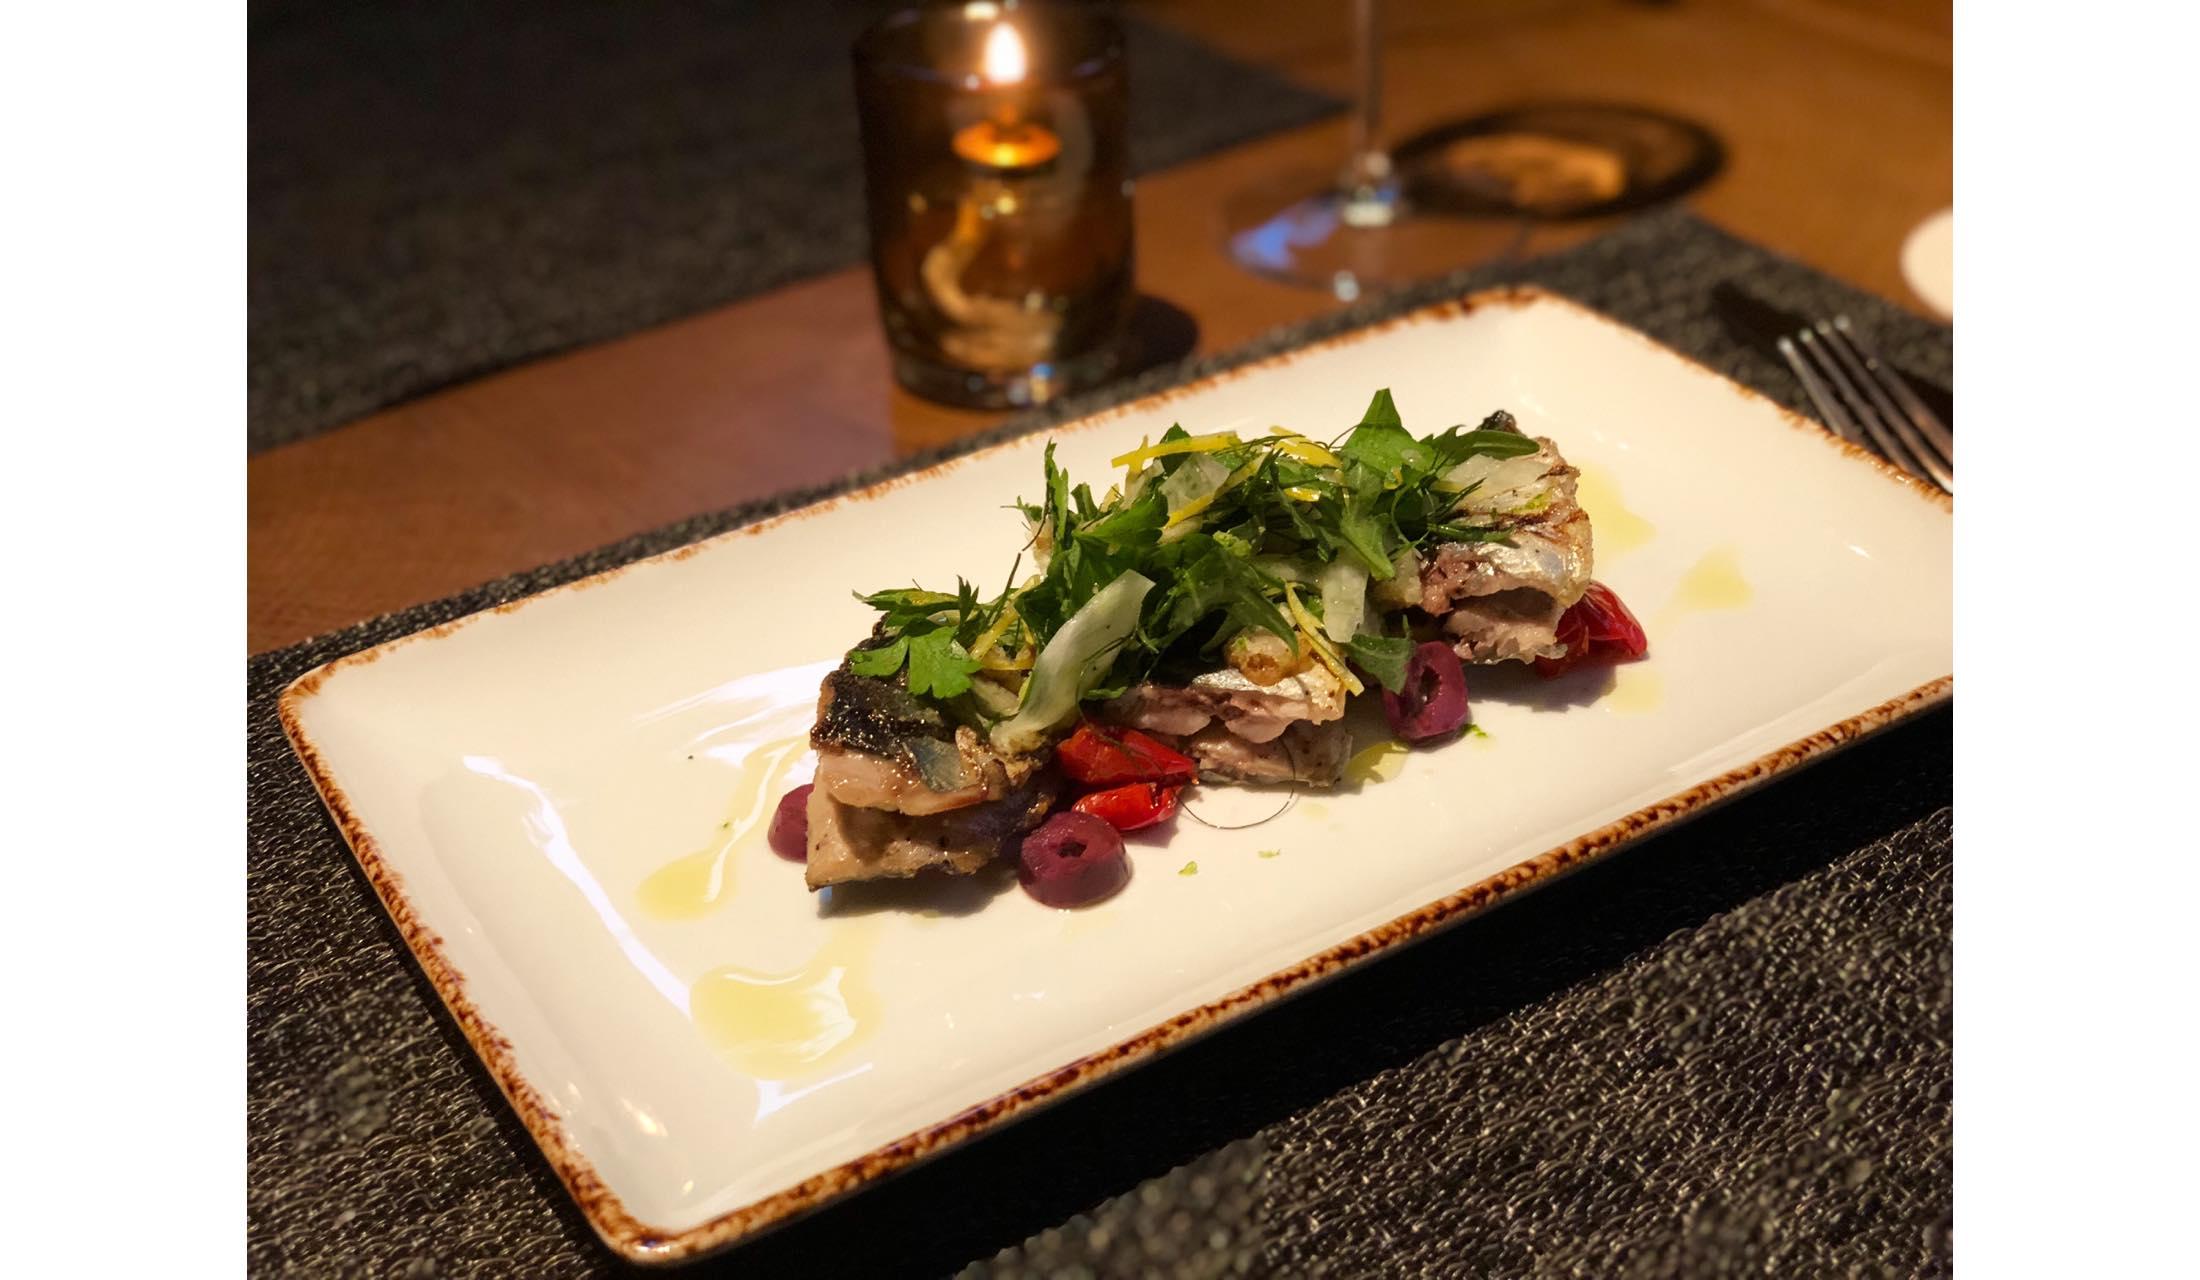 青山のレストランCRISTAで9月25日より登場する新メニュー「秋刀魚のグリル」